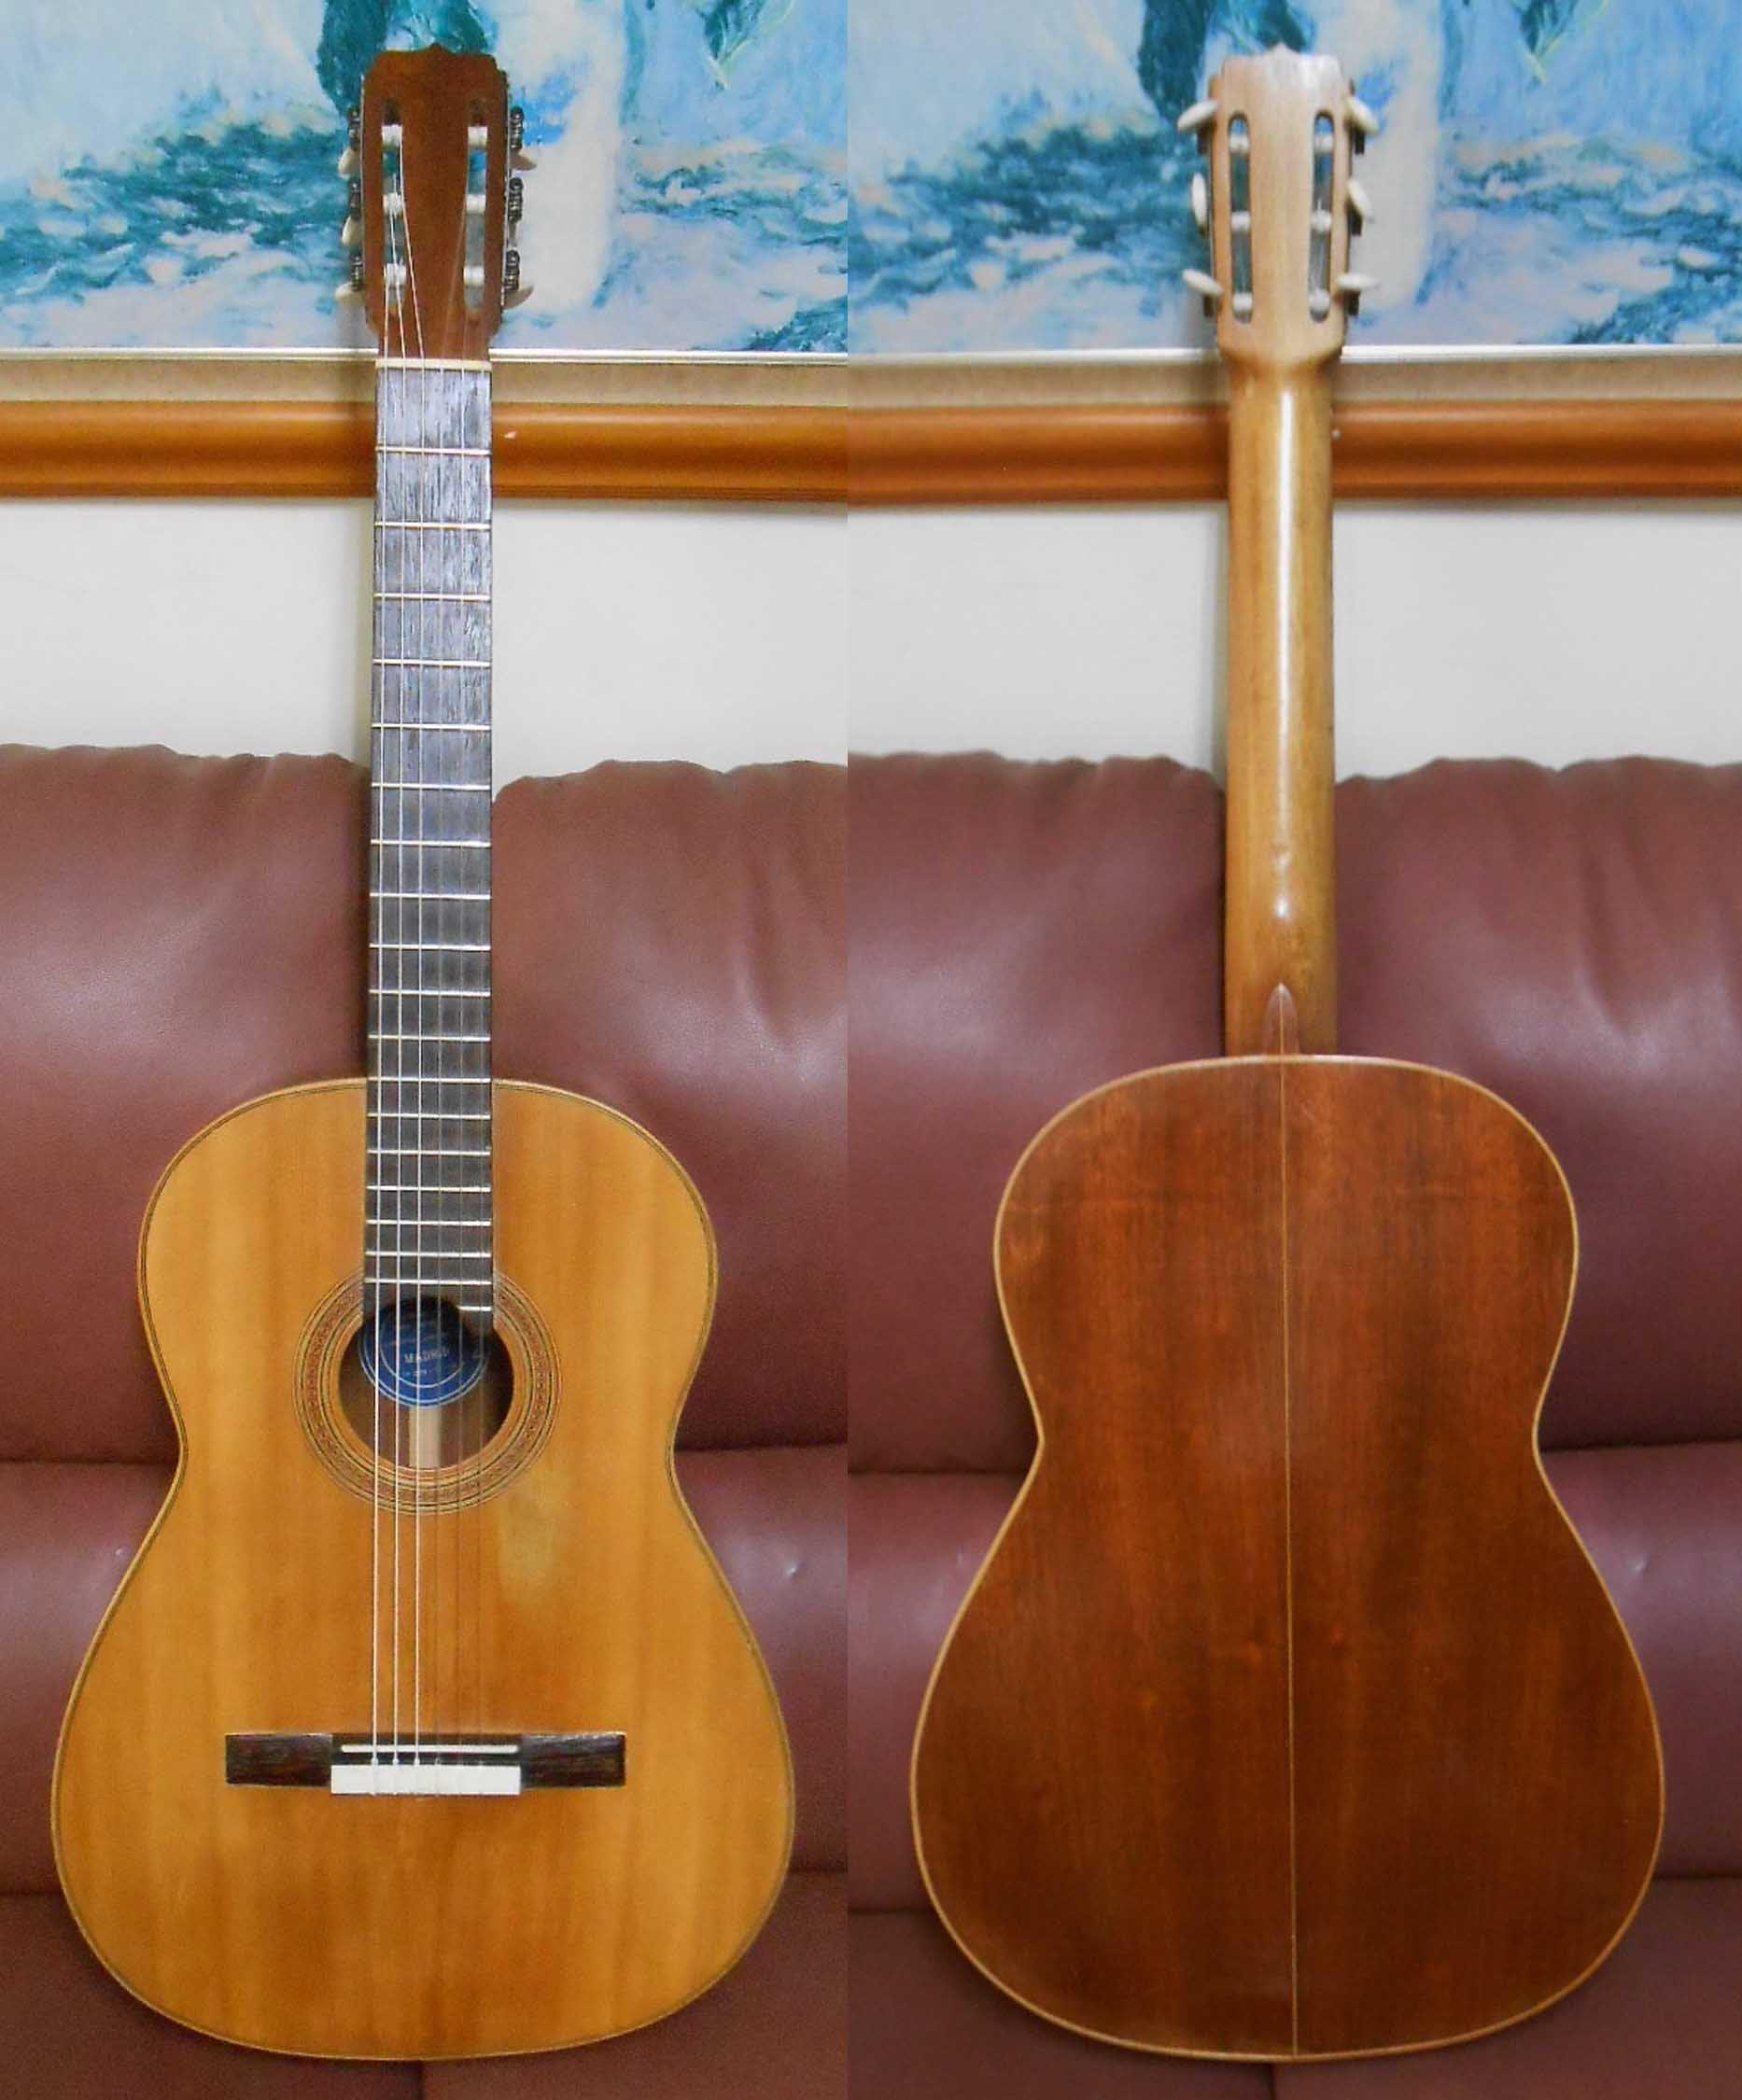 絕版珍藏西班牙Jose Ramirez 拉米雷滋NO2全單板古典吉他